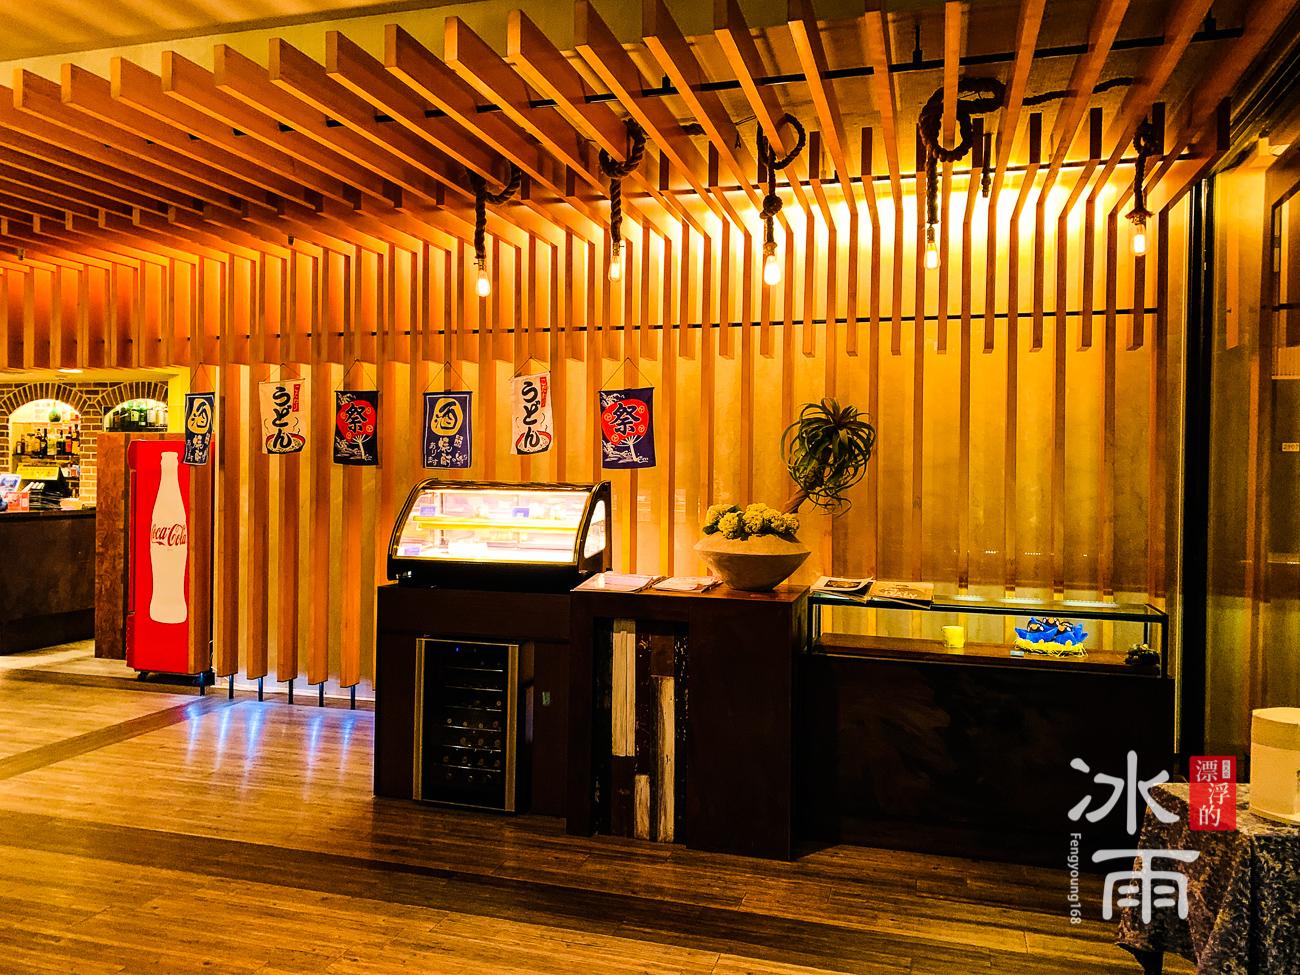 陽明山天籟渡假酒店|餐廳內櫃檯